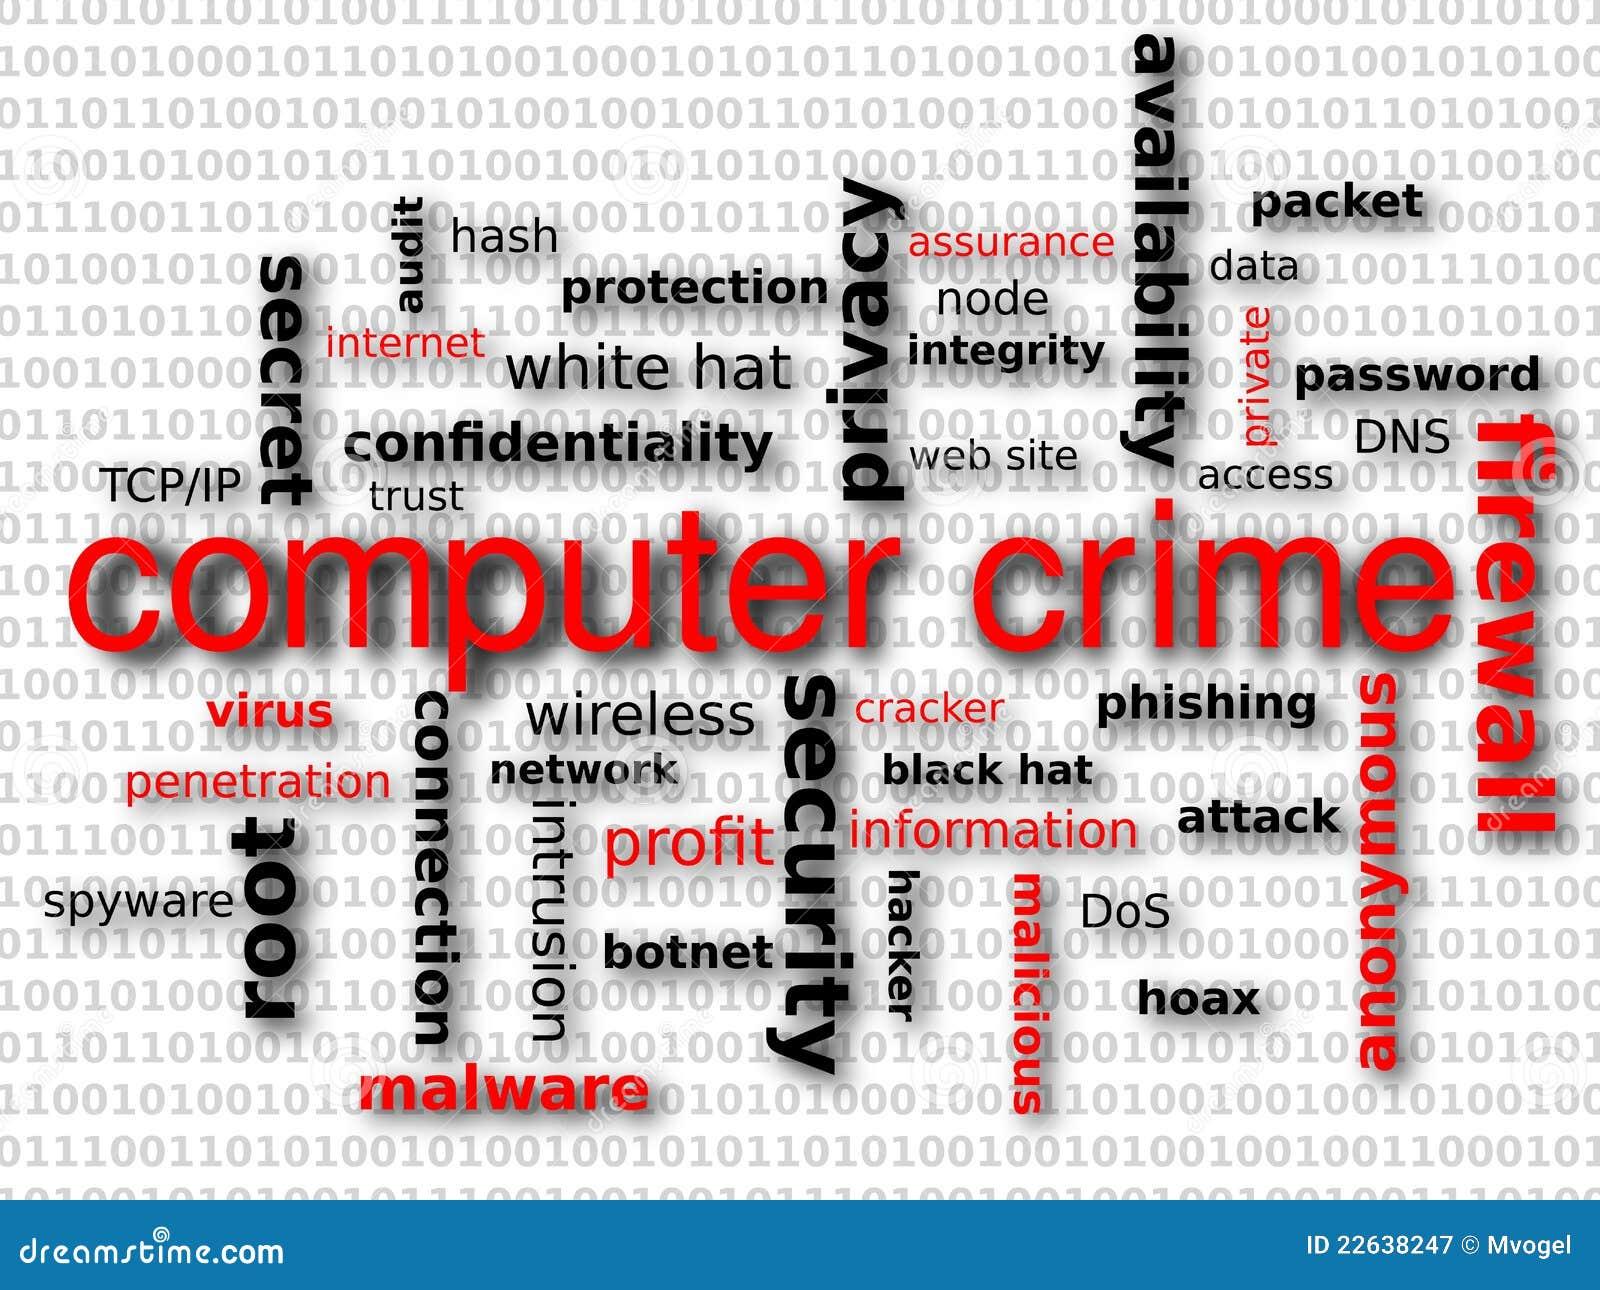 преступление в компьютерной сфере